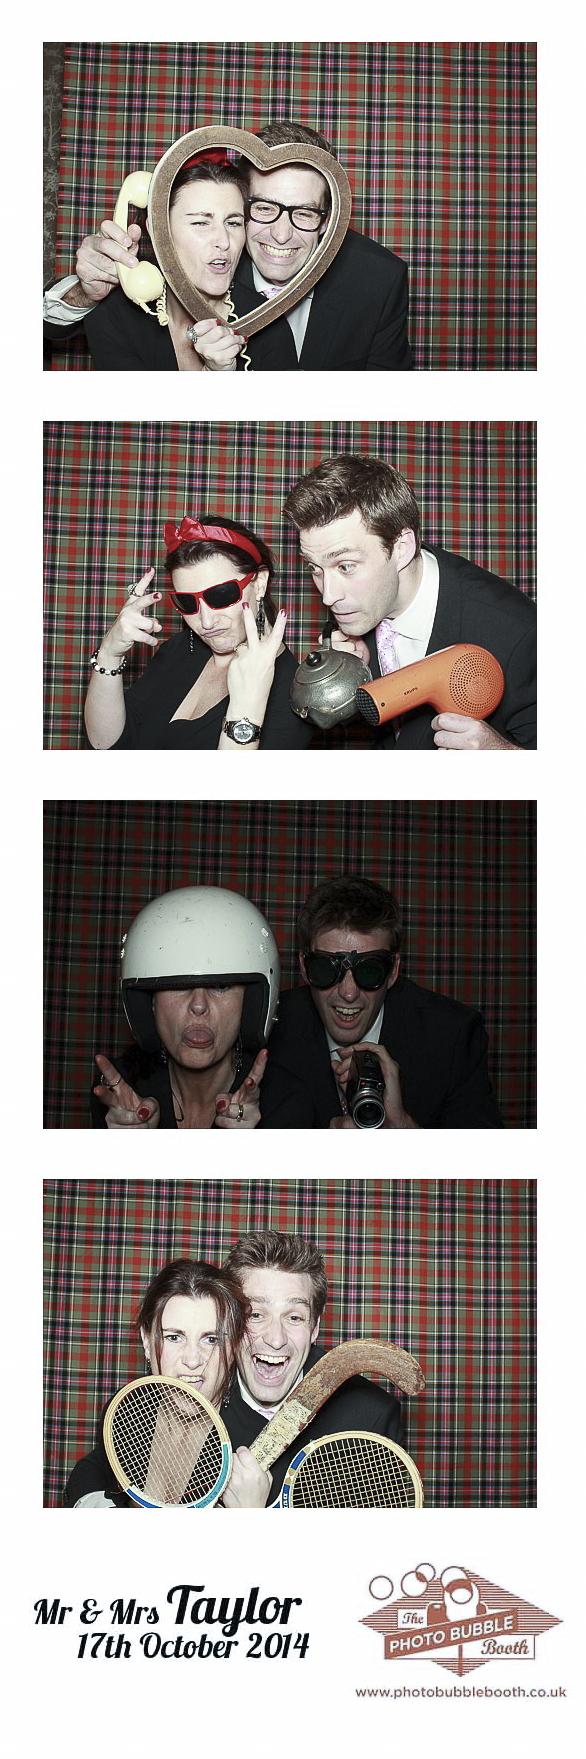 Mr & Mrs Taylor 17th October _28.jpg